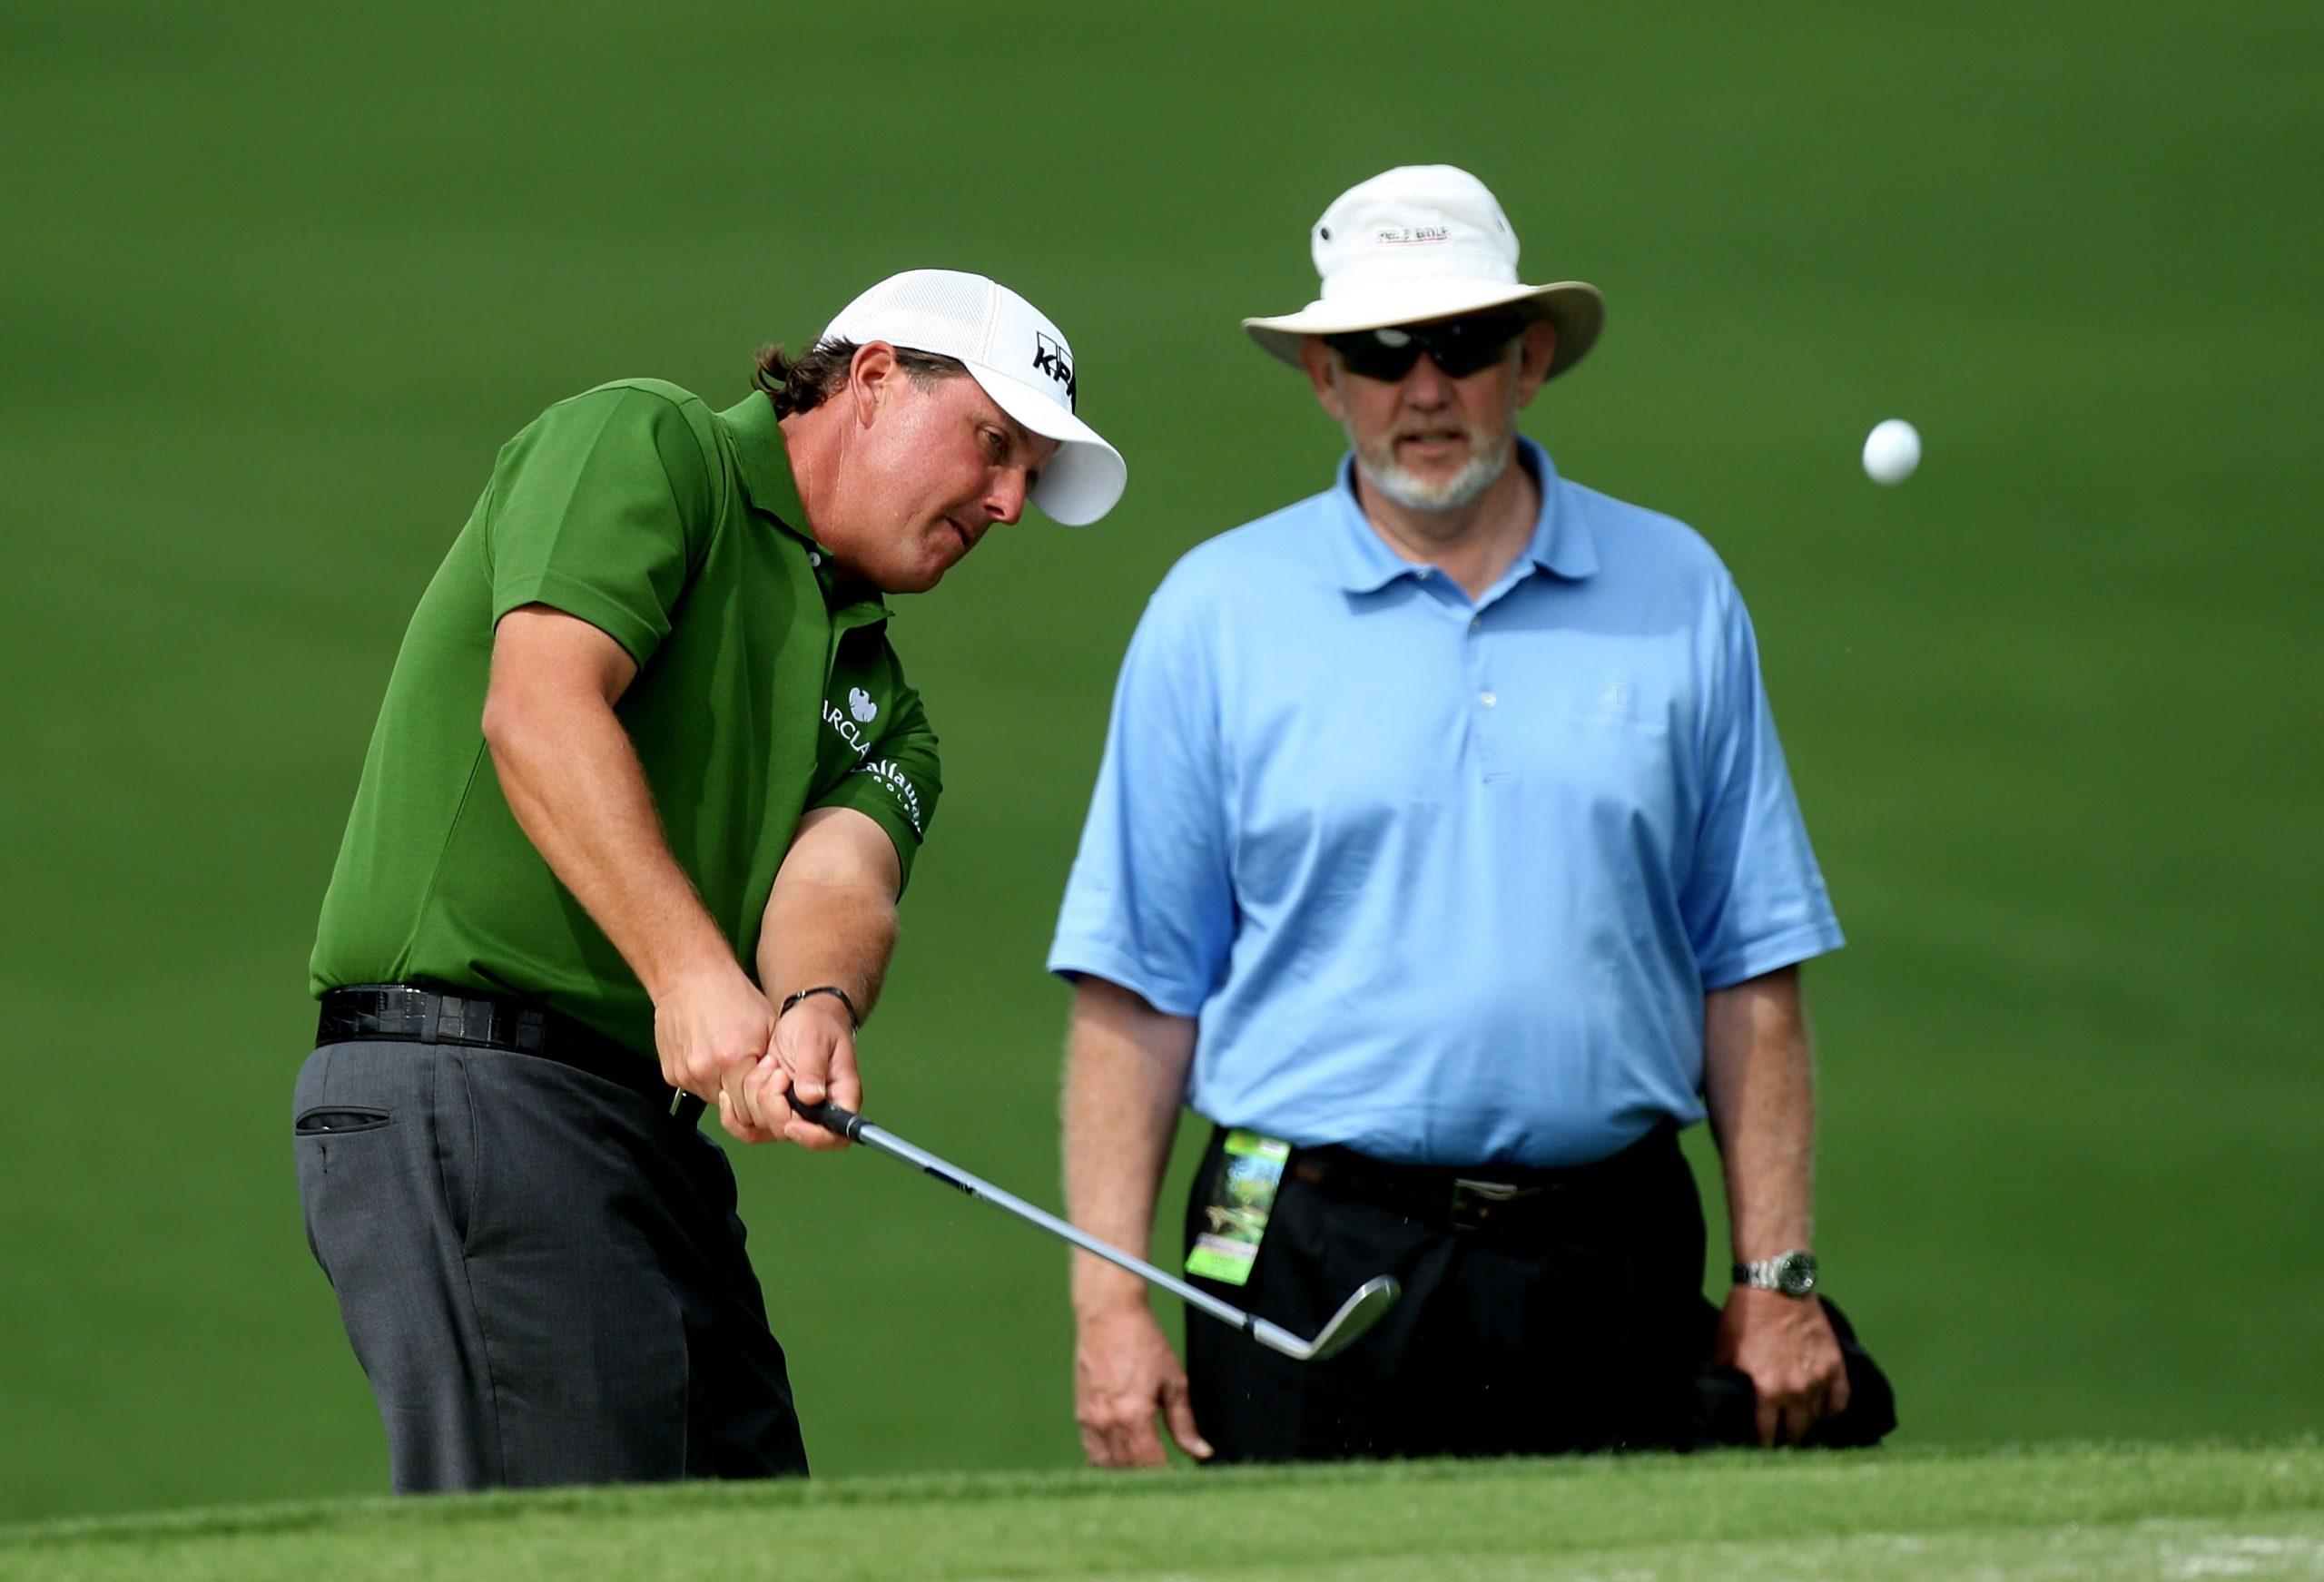 Good Wedge Swings Will Lead To Good Golf Swings